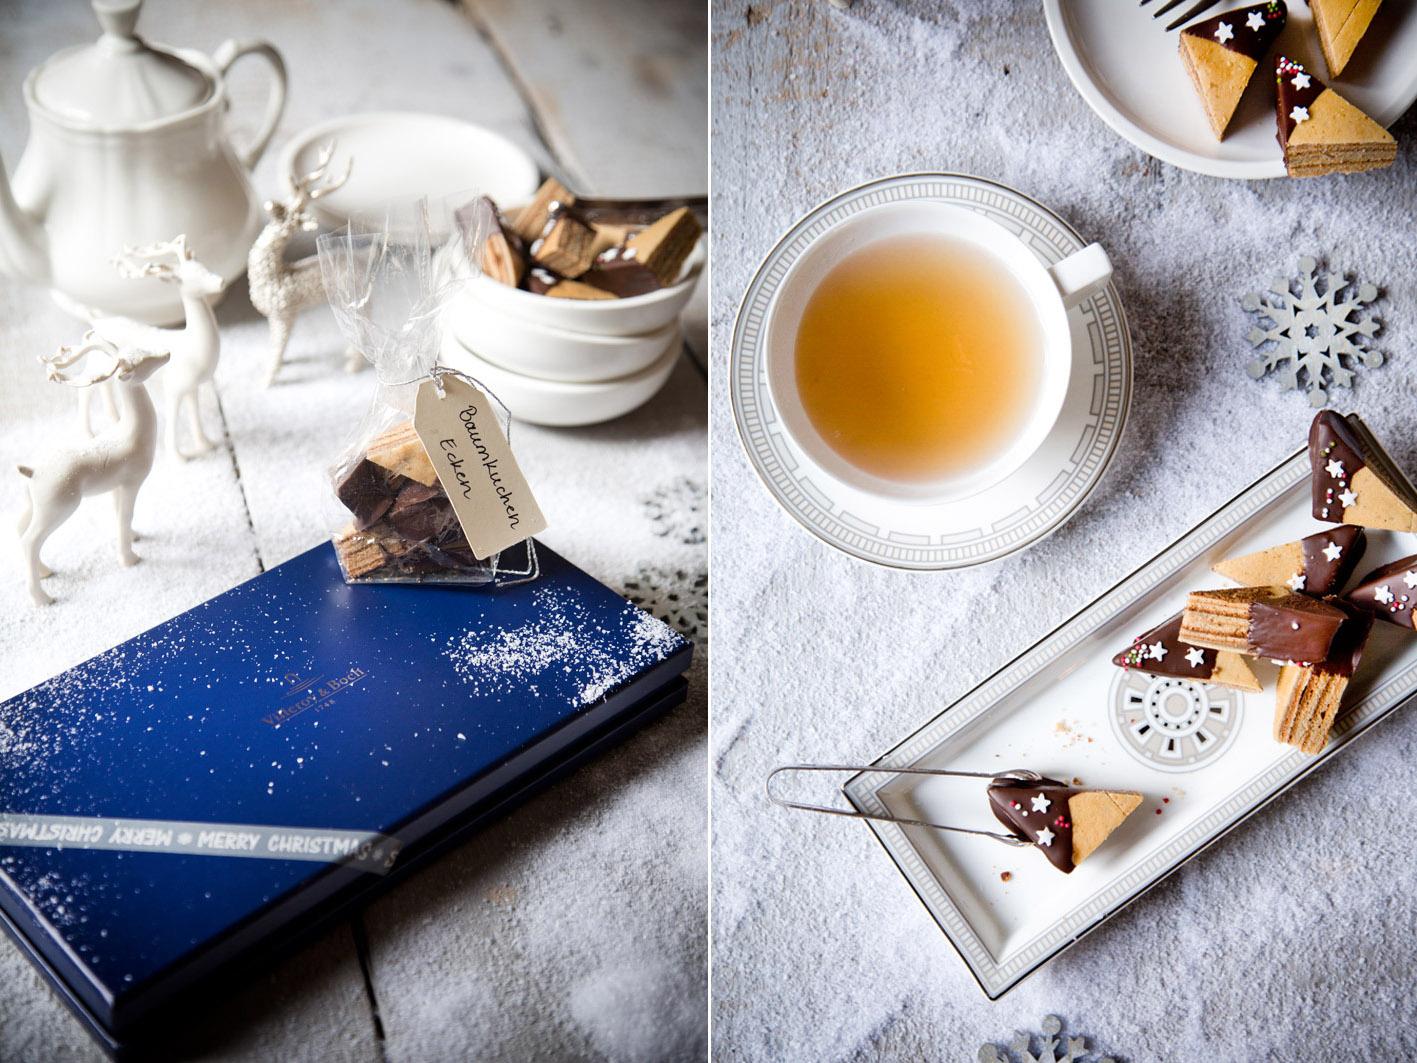 baumkuchen-geschenk